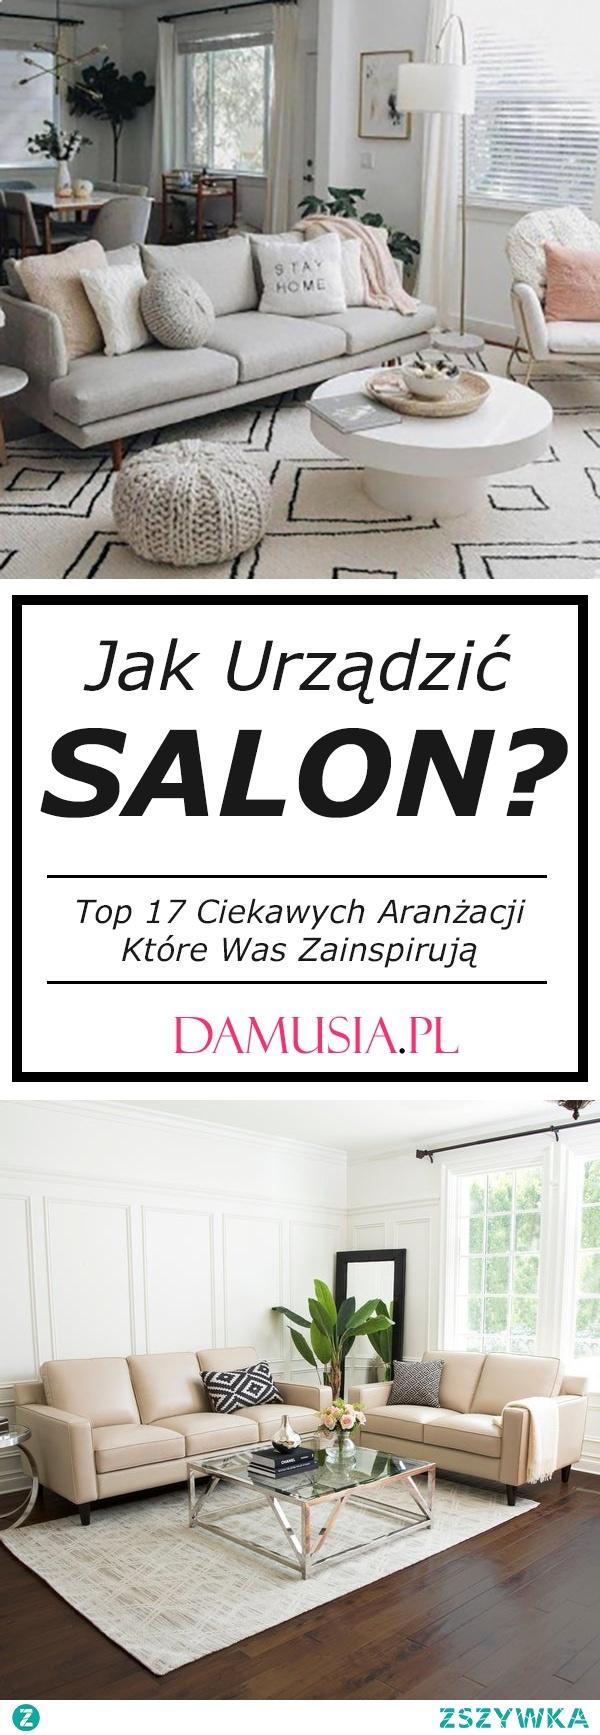 Jak Urządzić Salon? Top 17 Ciekawych Aranżacji Które Was Zainspirują